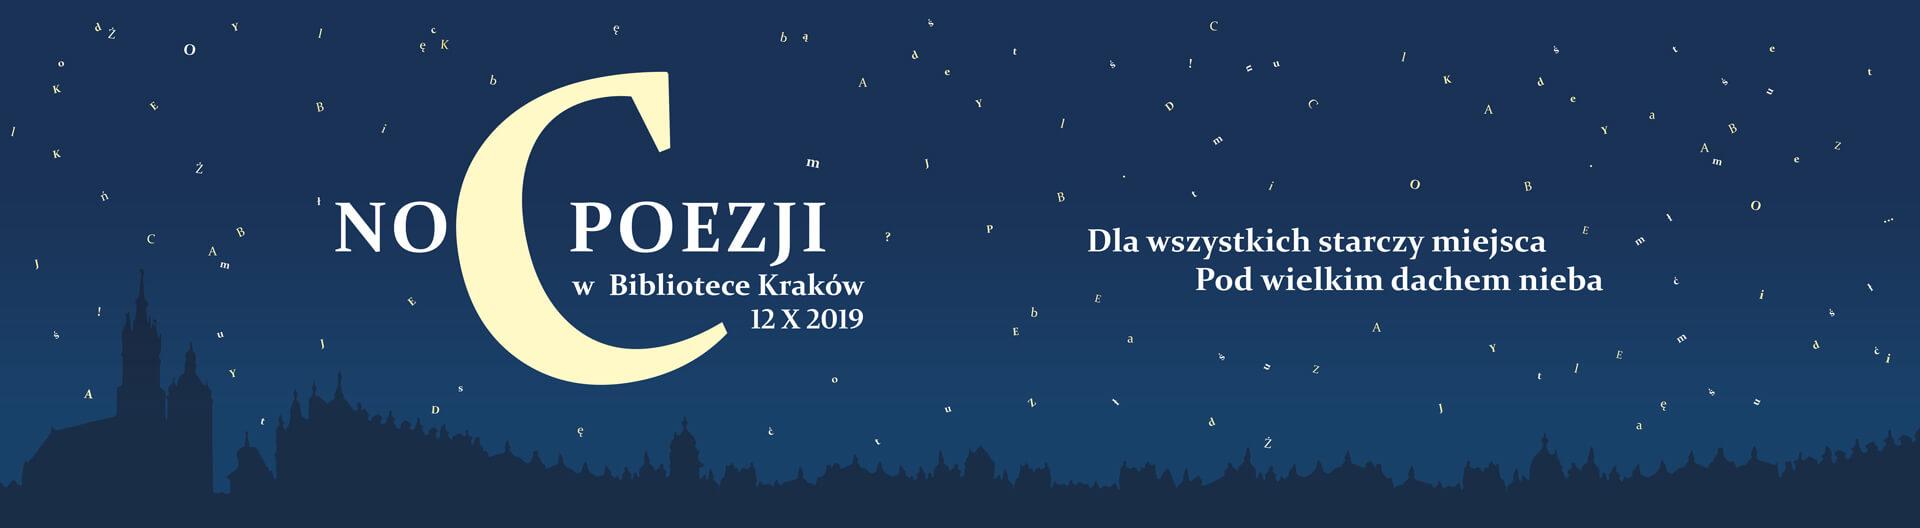 Noc Poezji W Bibliotece Kraków Biblioteka Kraków